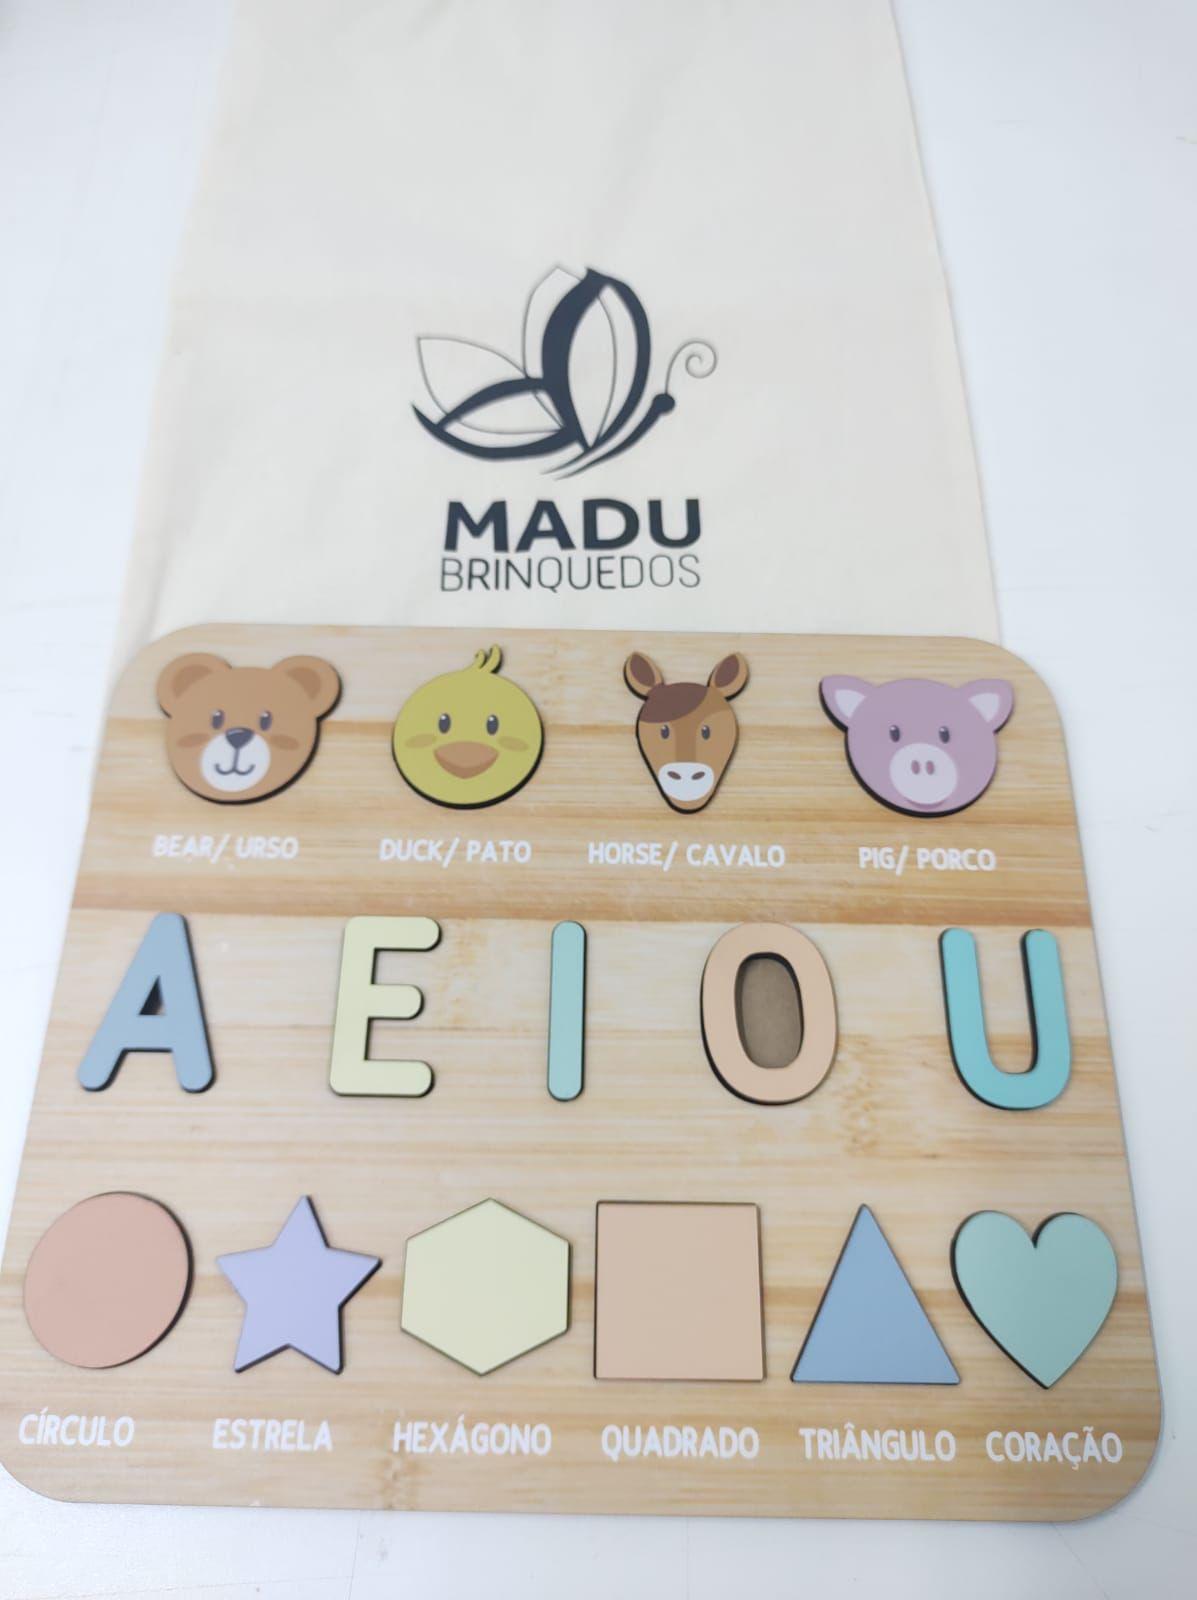 Encaixe Bichinho, Formas e Vogais + Saco Personalizado - Madu Brinquedos